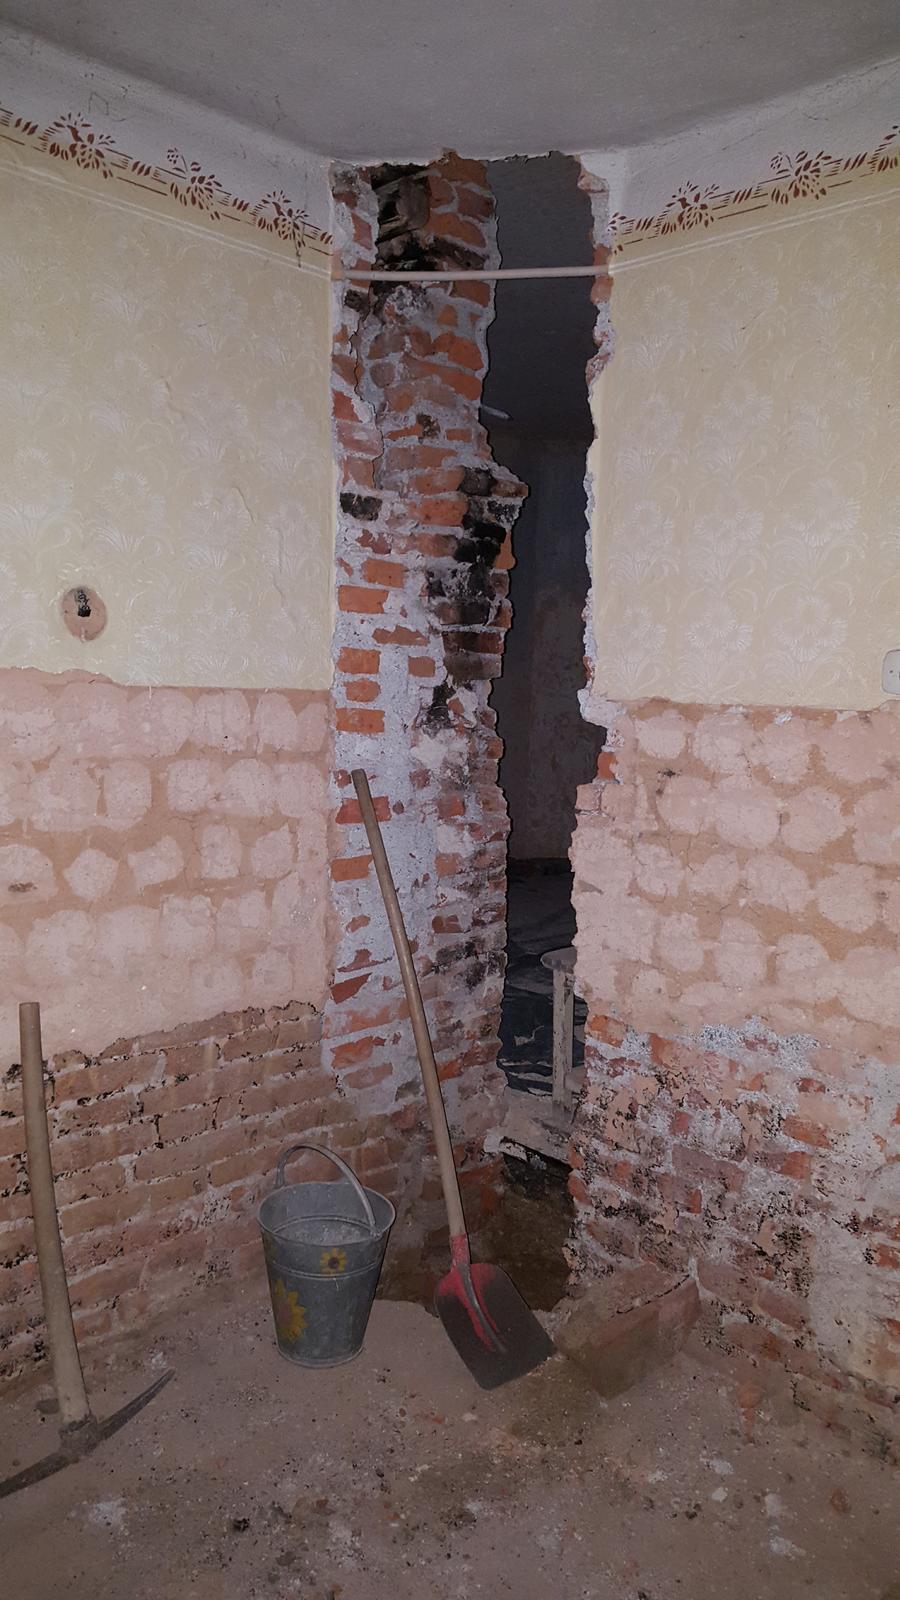 Prerabka domu v historickom centre - Konecne sa rozobral komin a je dole svina 11 metrova, neskutocne prepustal fuserska robota za komancu a tehly na dvore smrdia aj po 10 hodinach